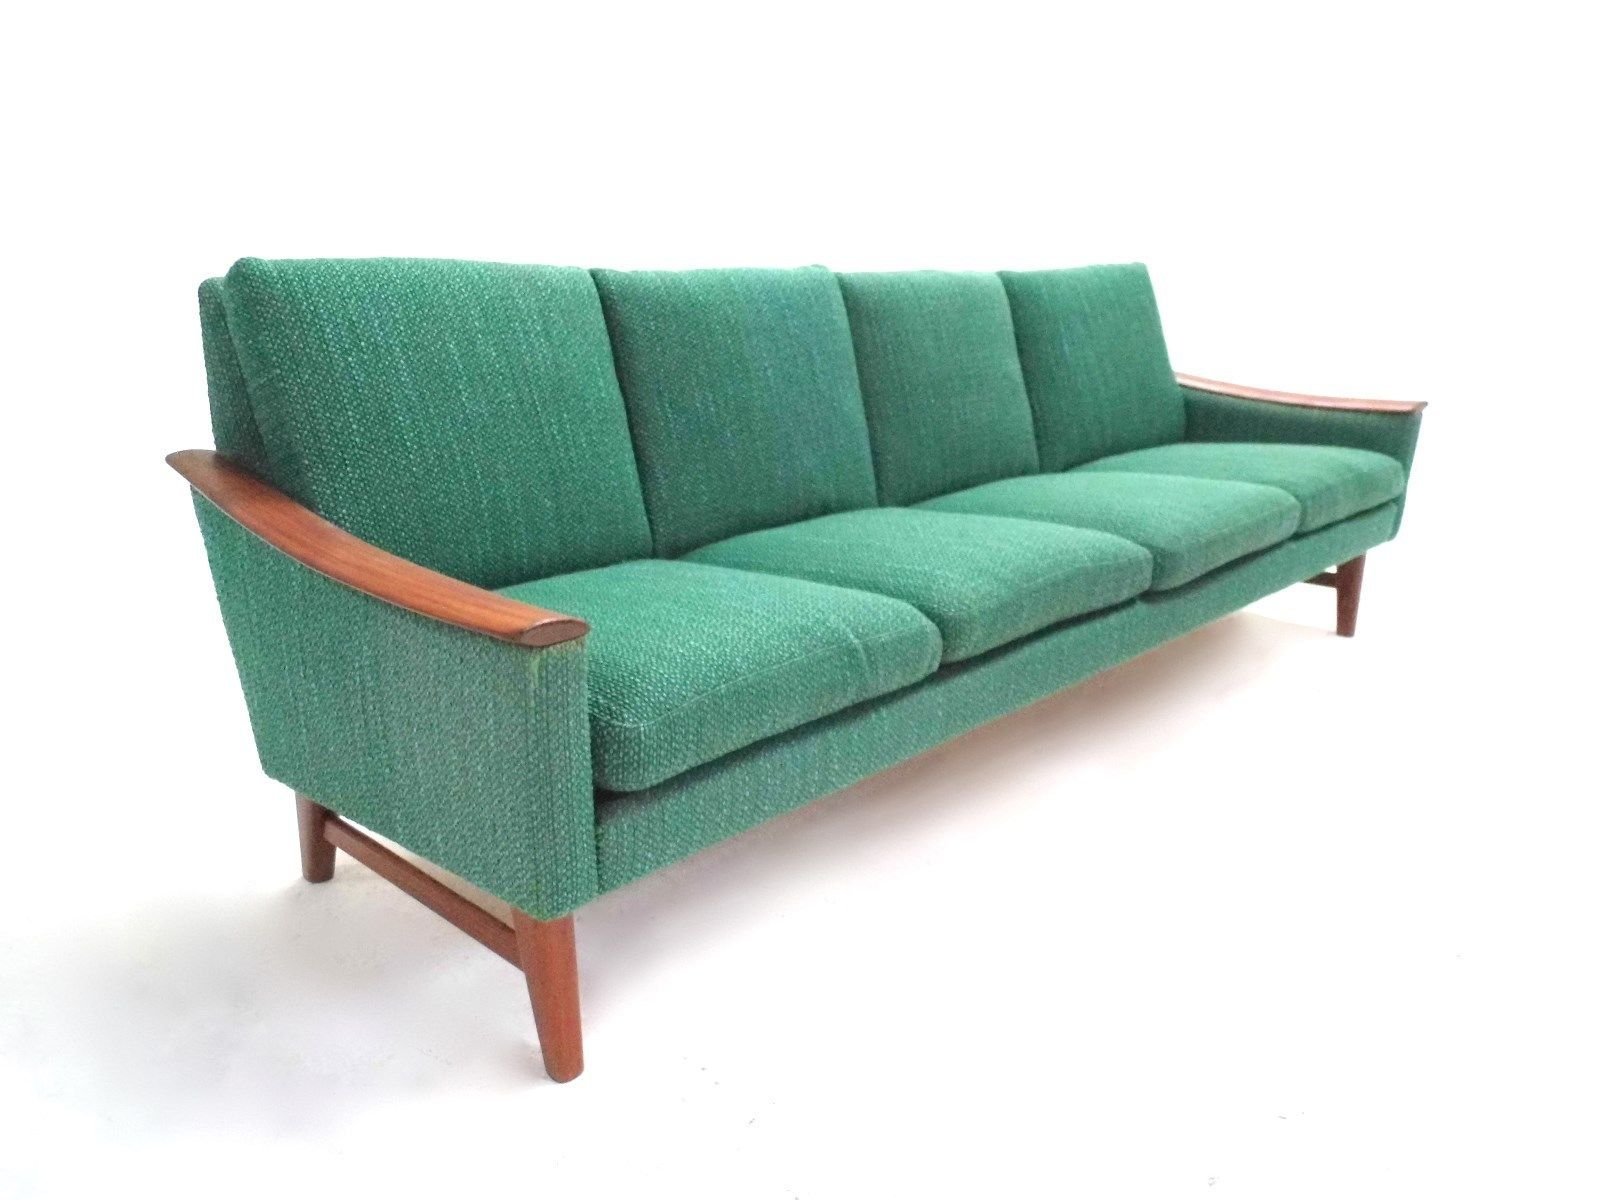 skandinavisches jadegr nes vier sitzer sofa mit wollbezug. Black Bedroom Furniture Sets. Home Design Ideas